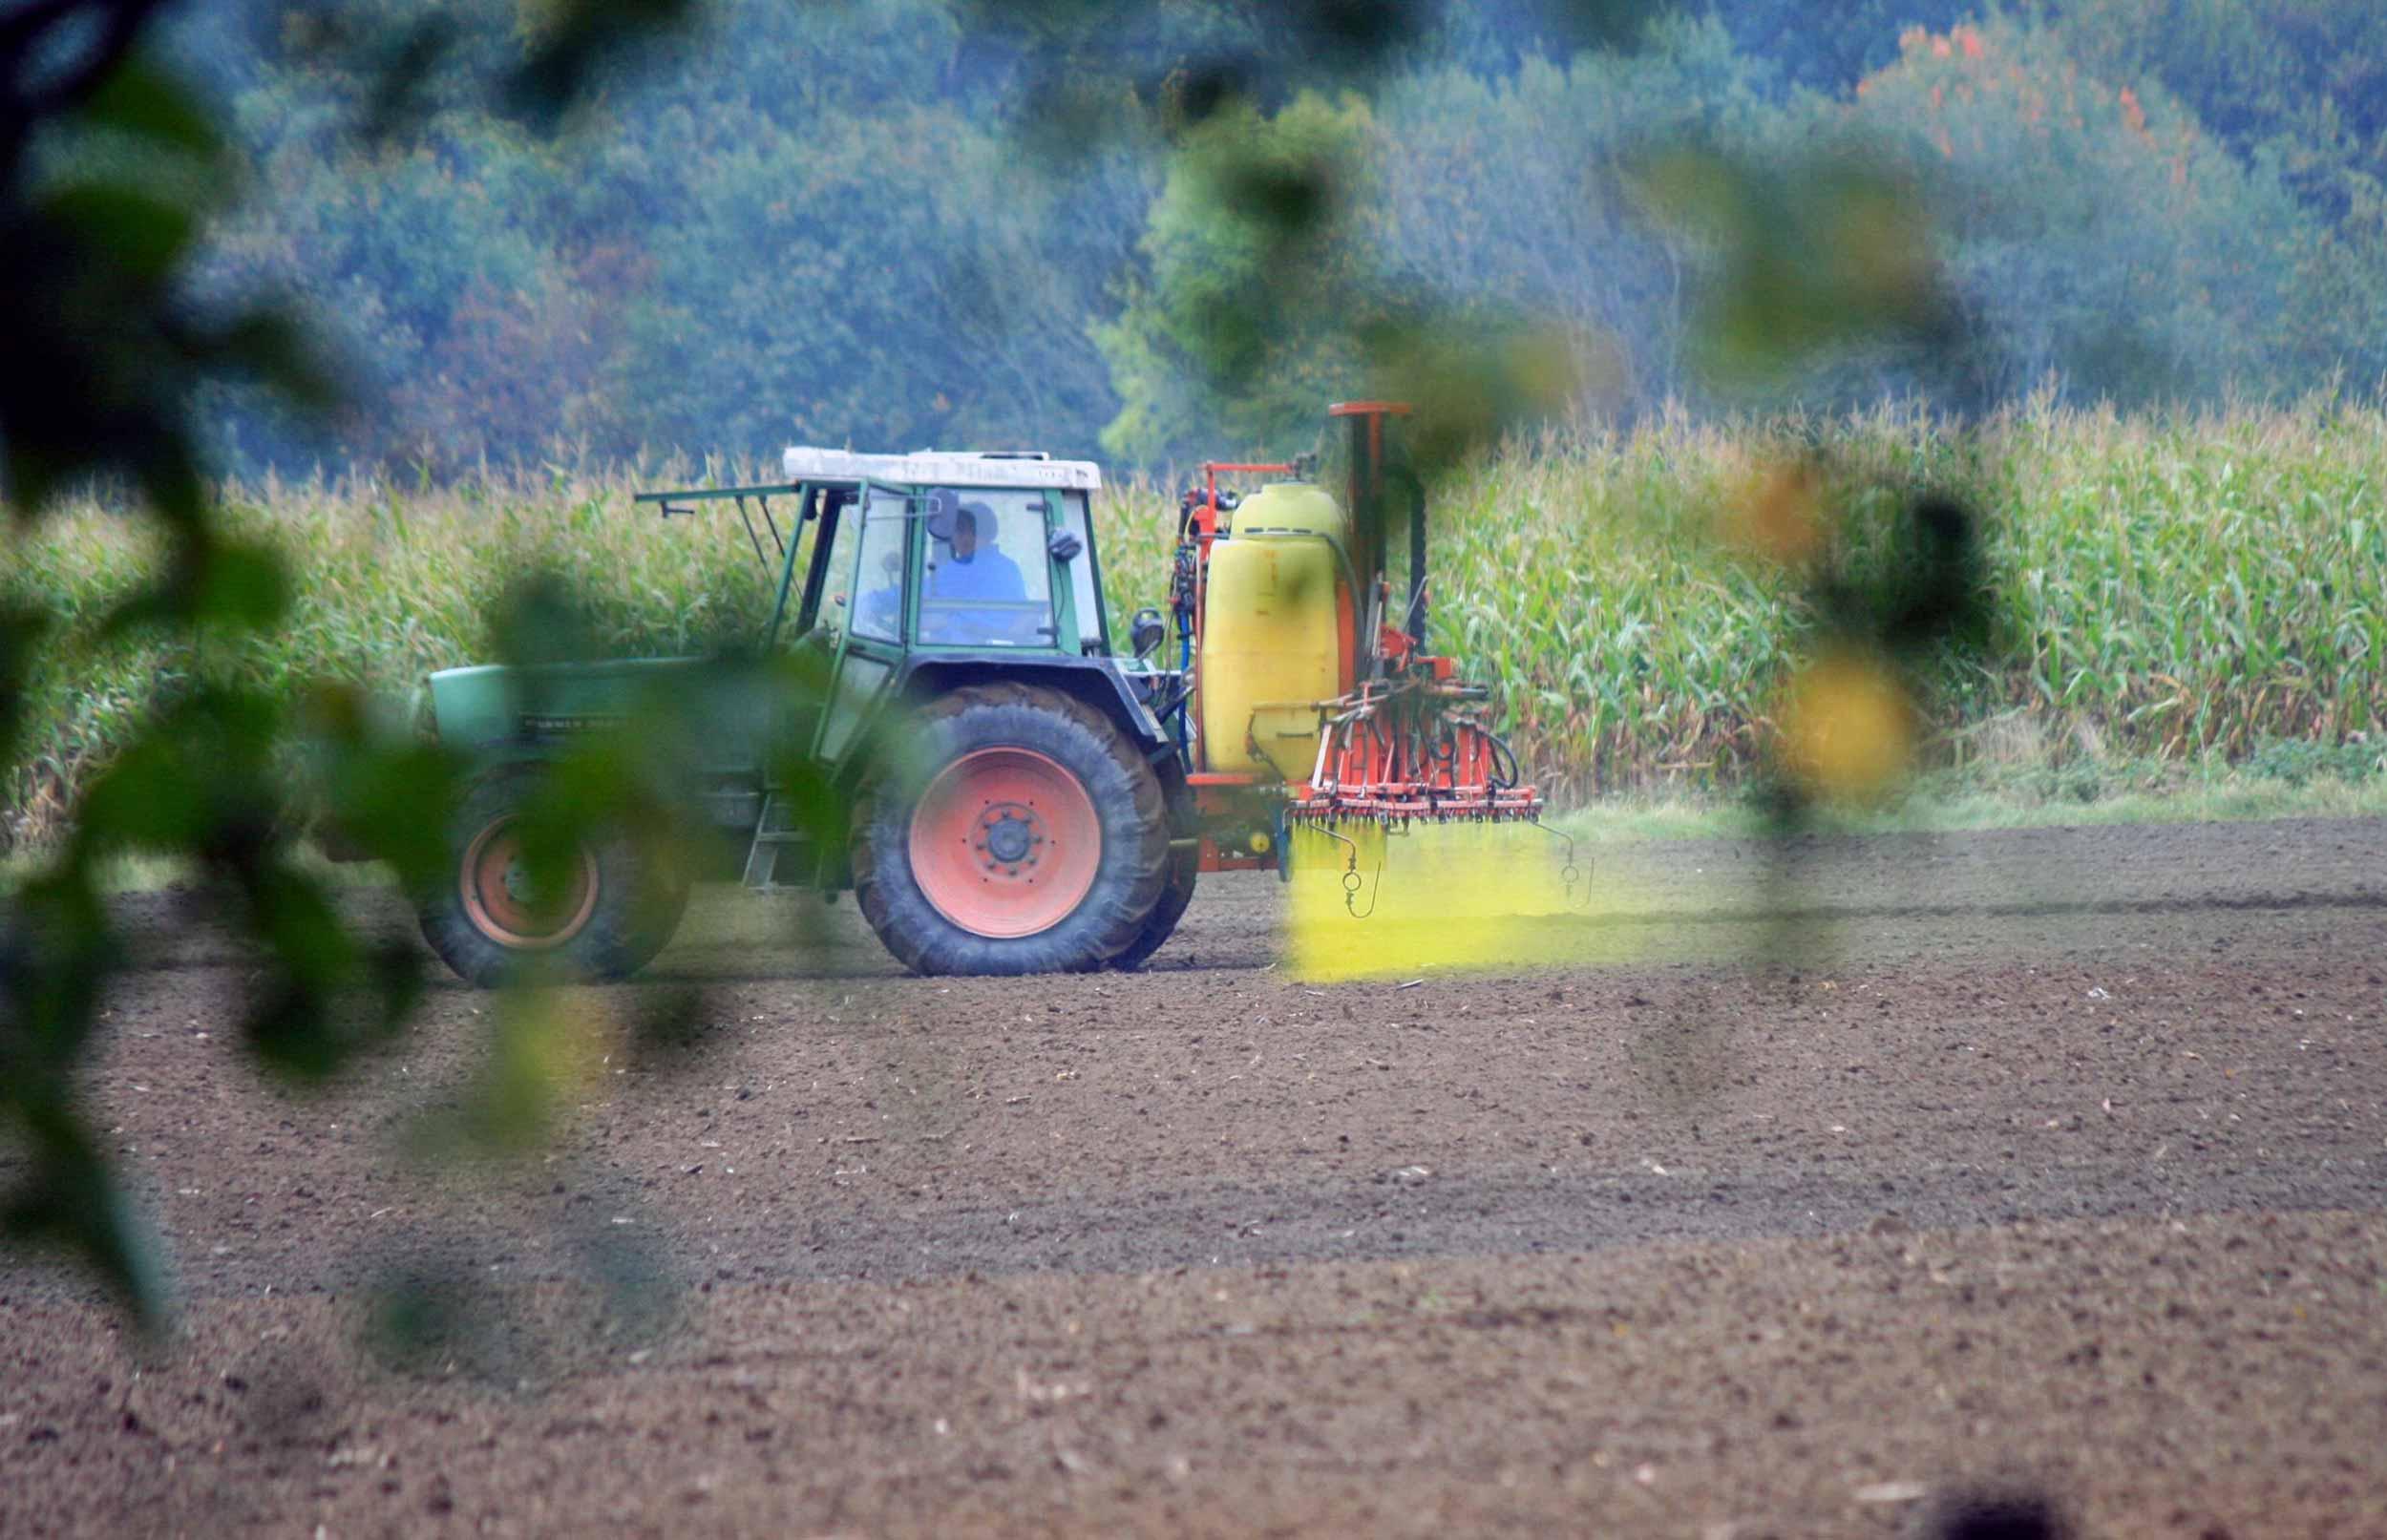 Danskerne: Landbruget bruger for meget sprøjtegift